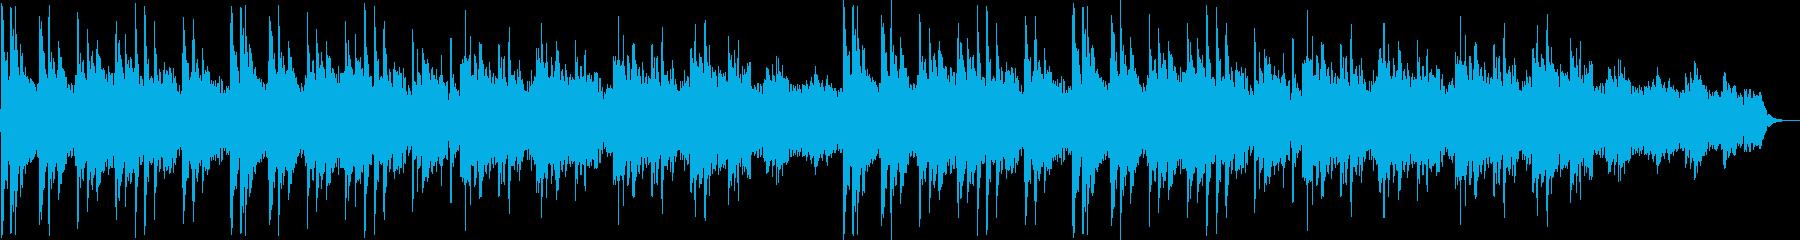 しっとりしたピアノシンセサイザーサウンドの再生済みの波形